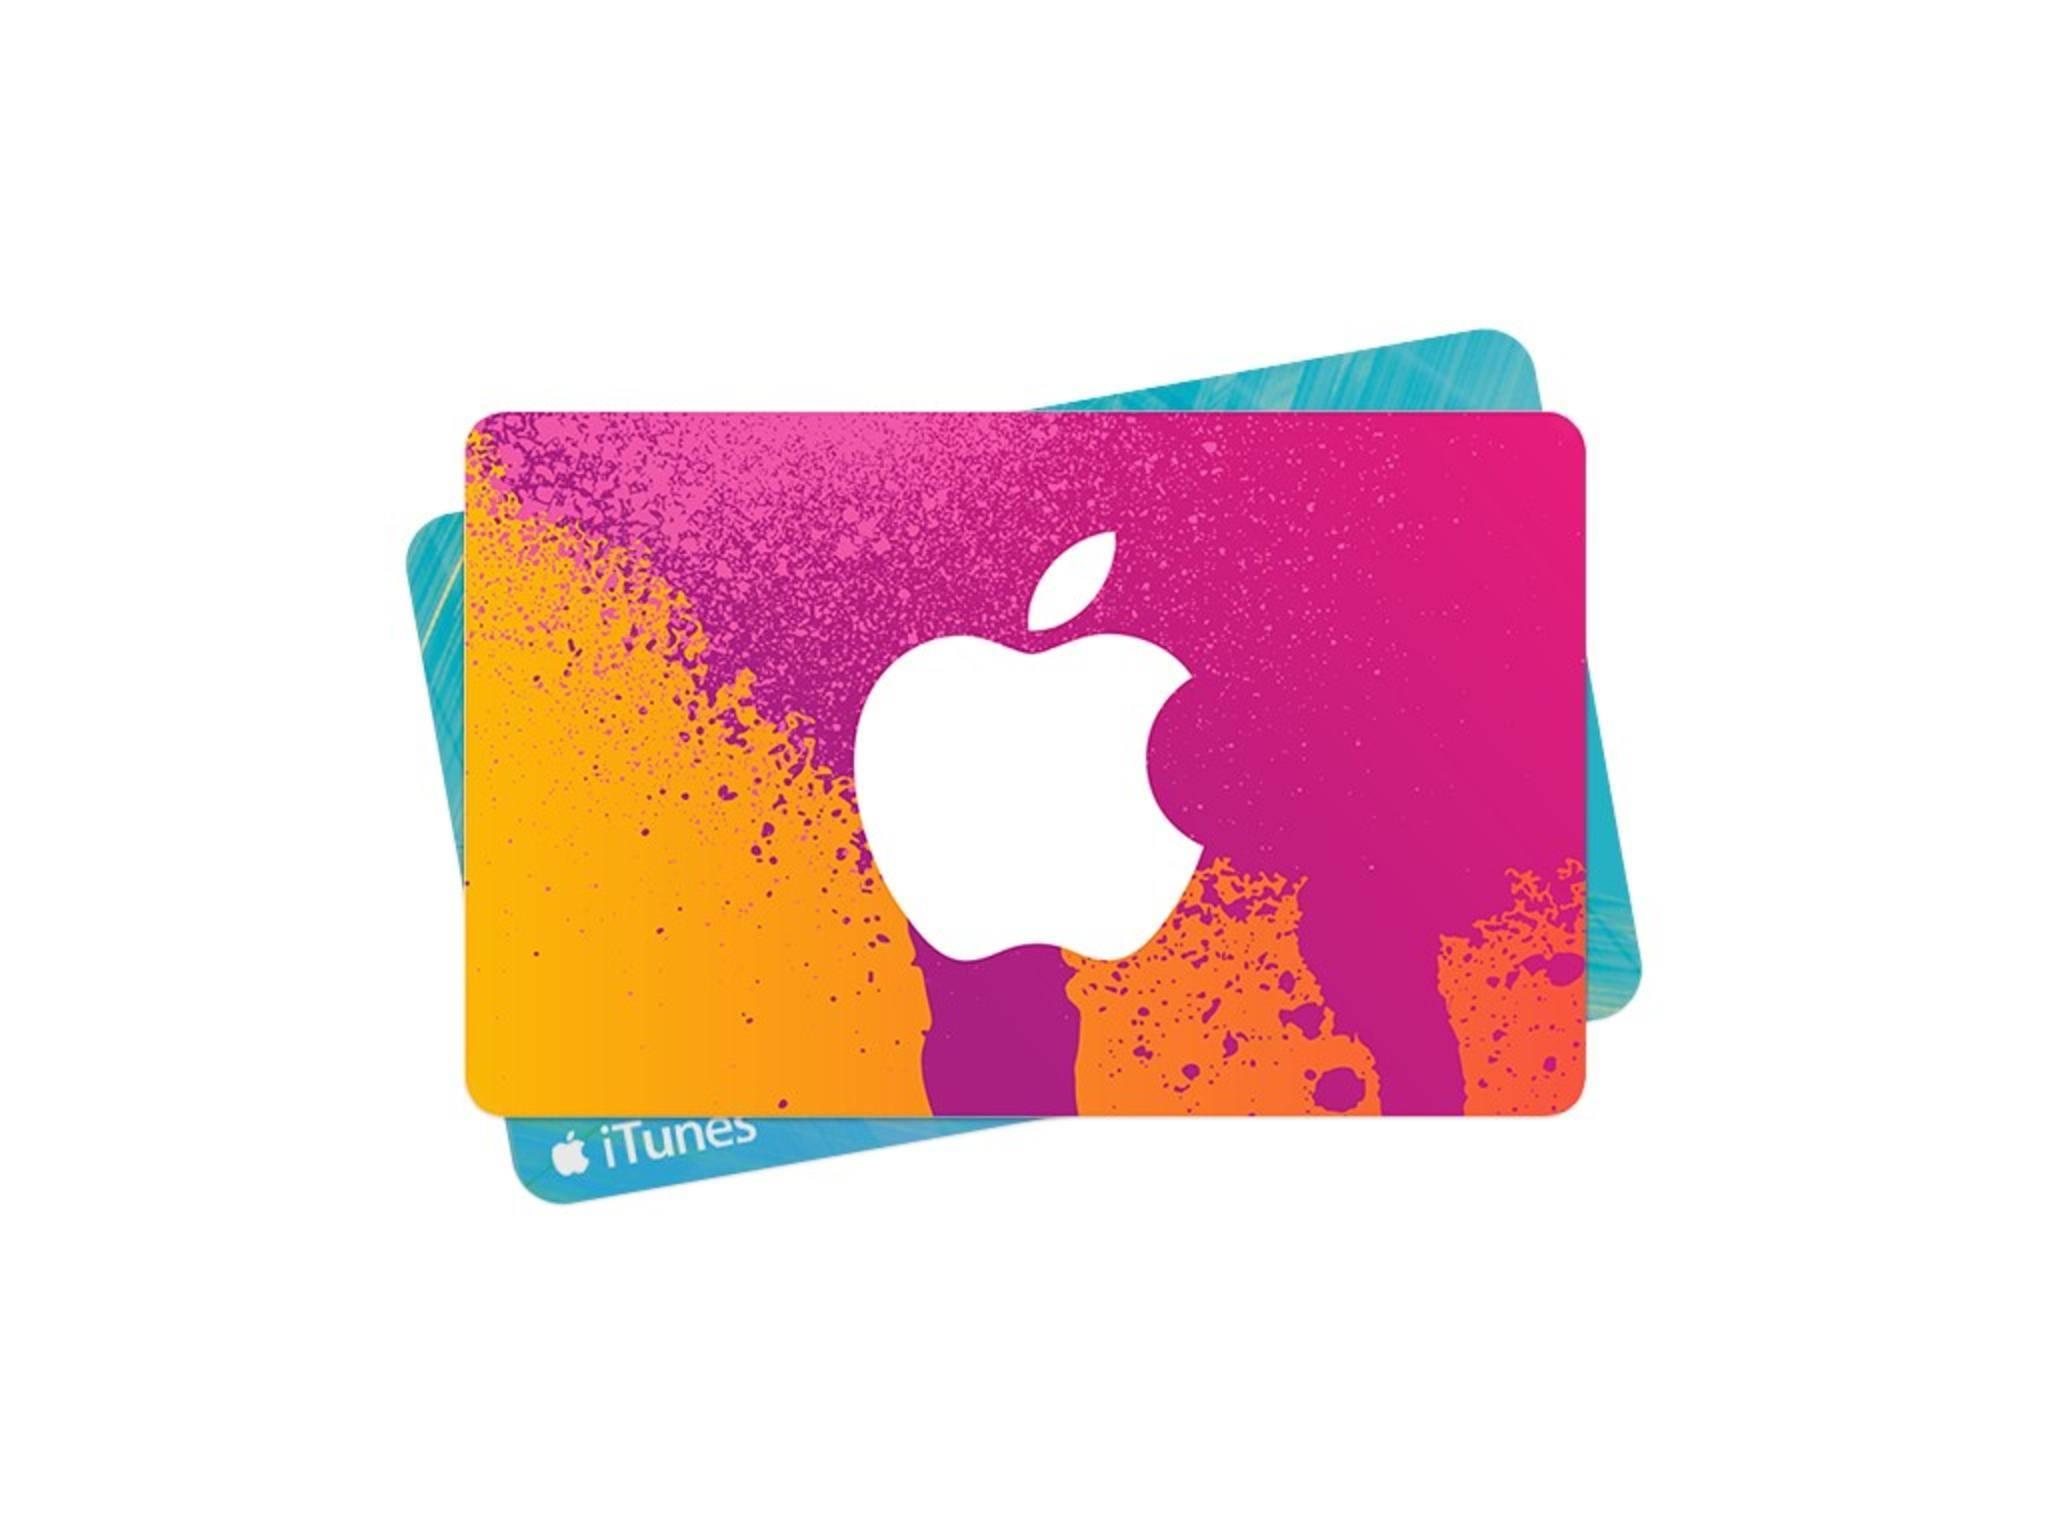 iTunes landet in diesem Jahr nicht mehr im App-Store von Windows 10.